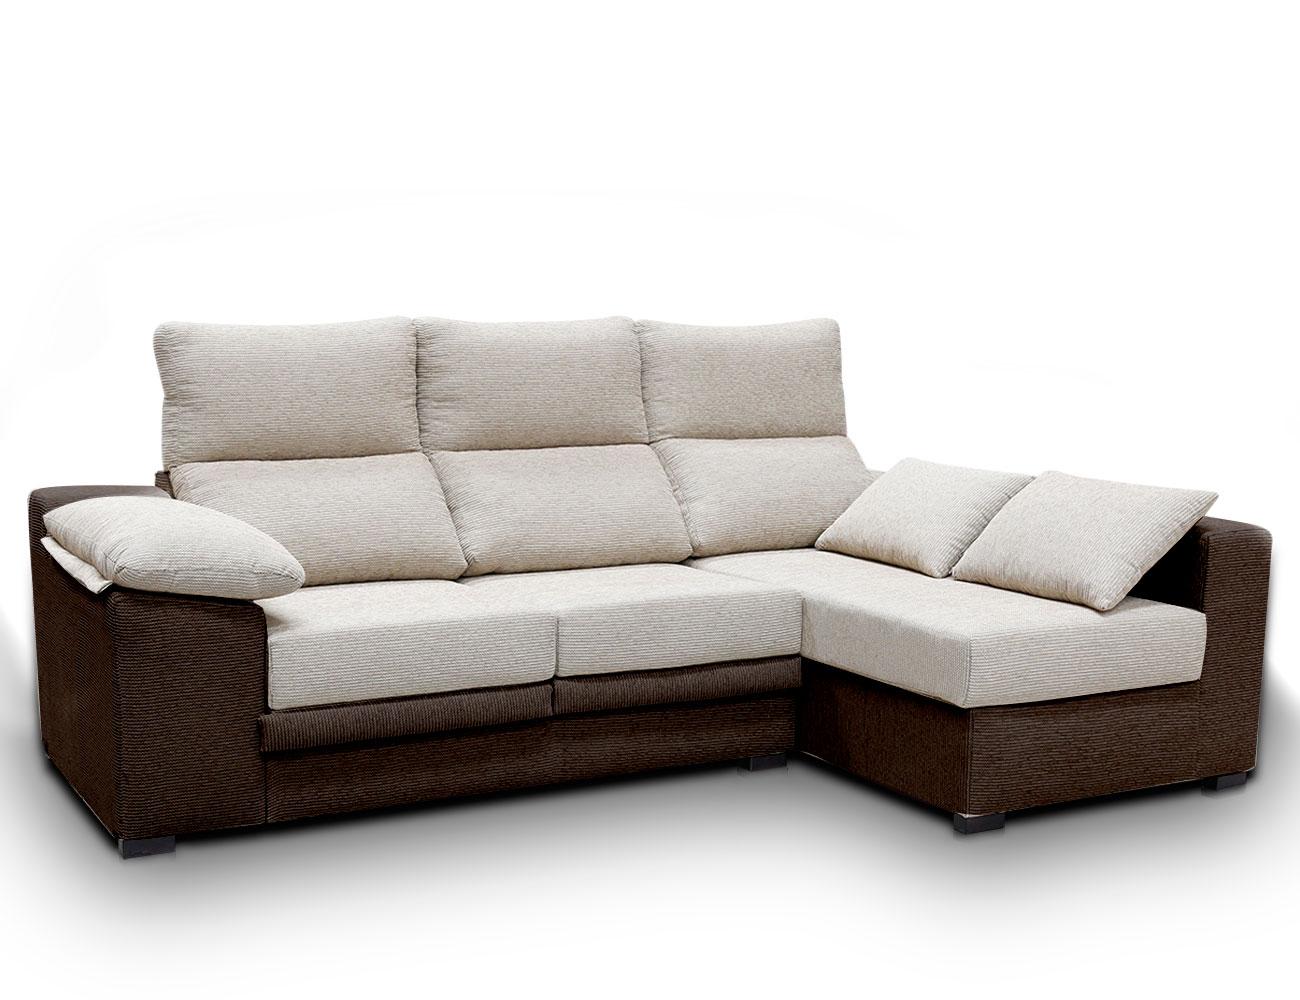 Sofa chaiselongue moderno cojines pardo cafe1